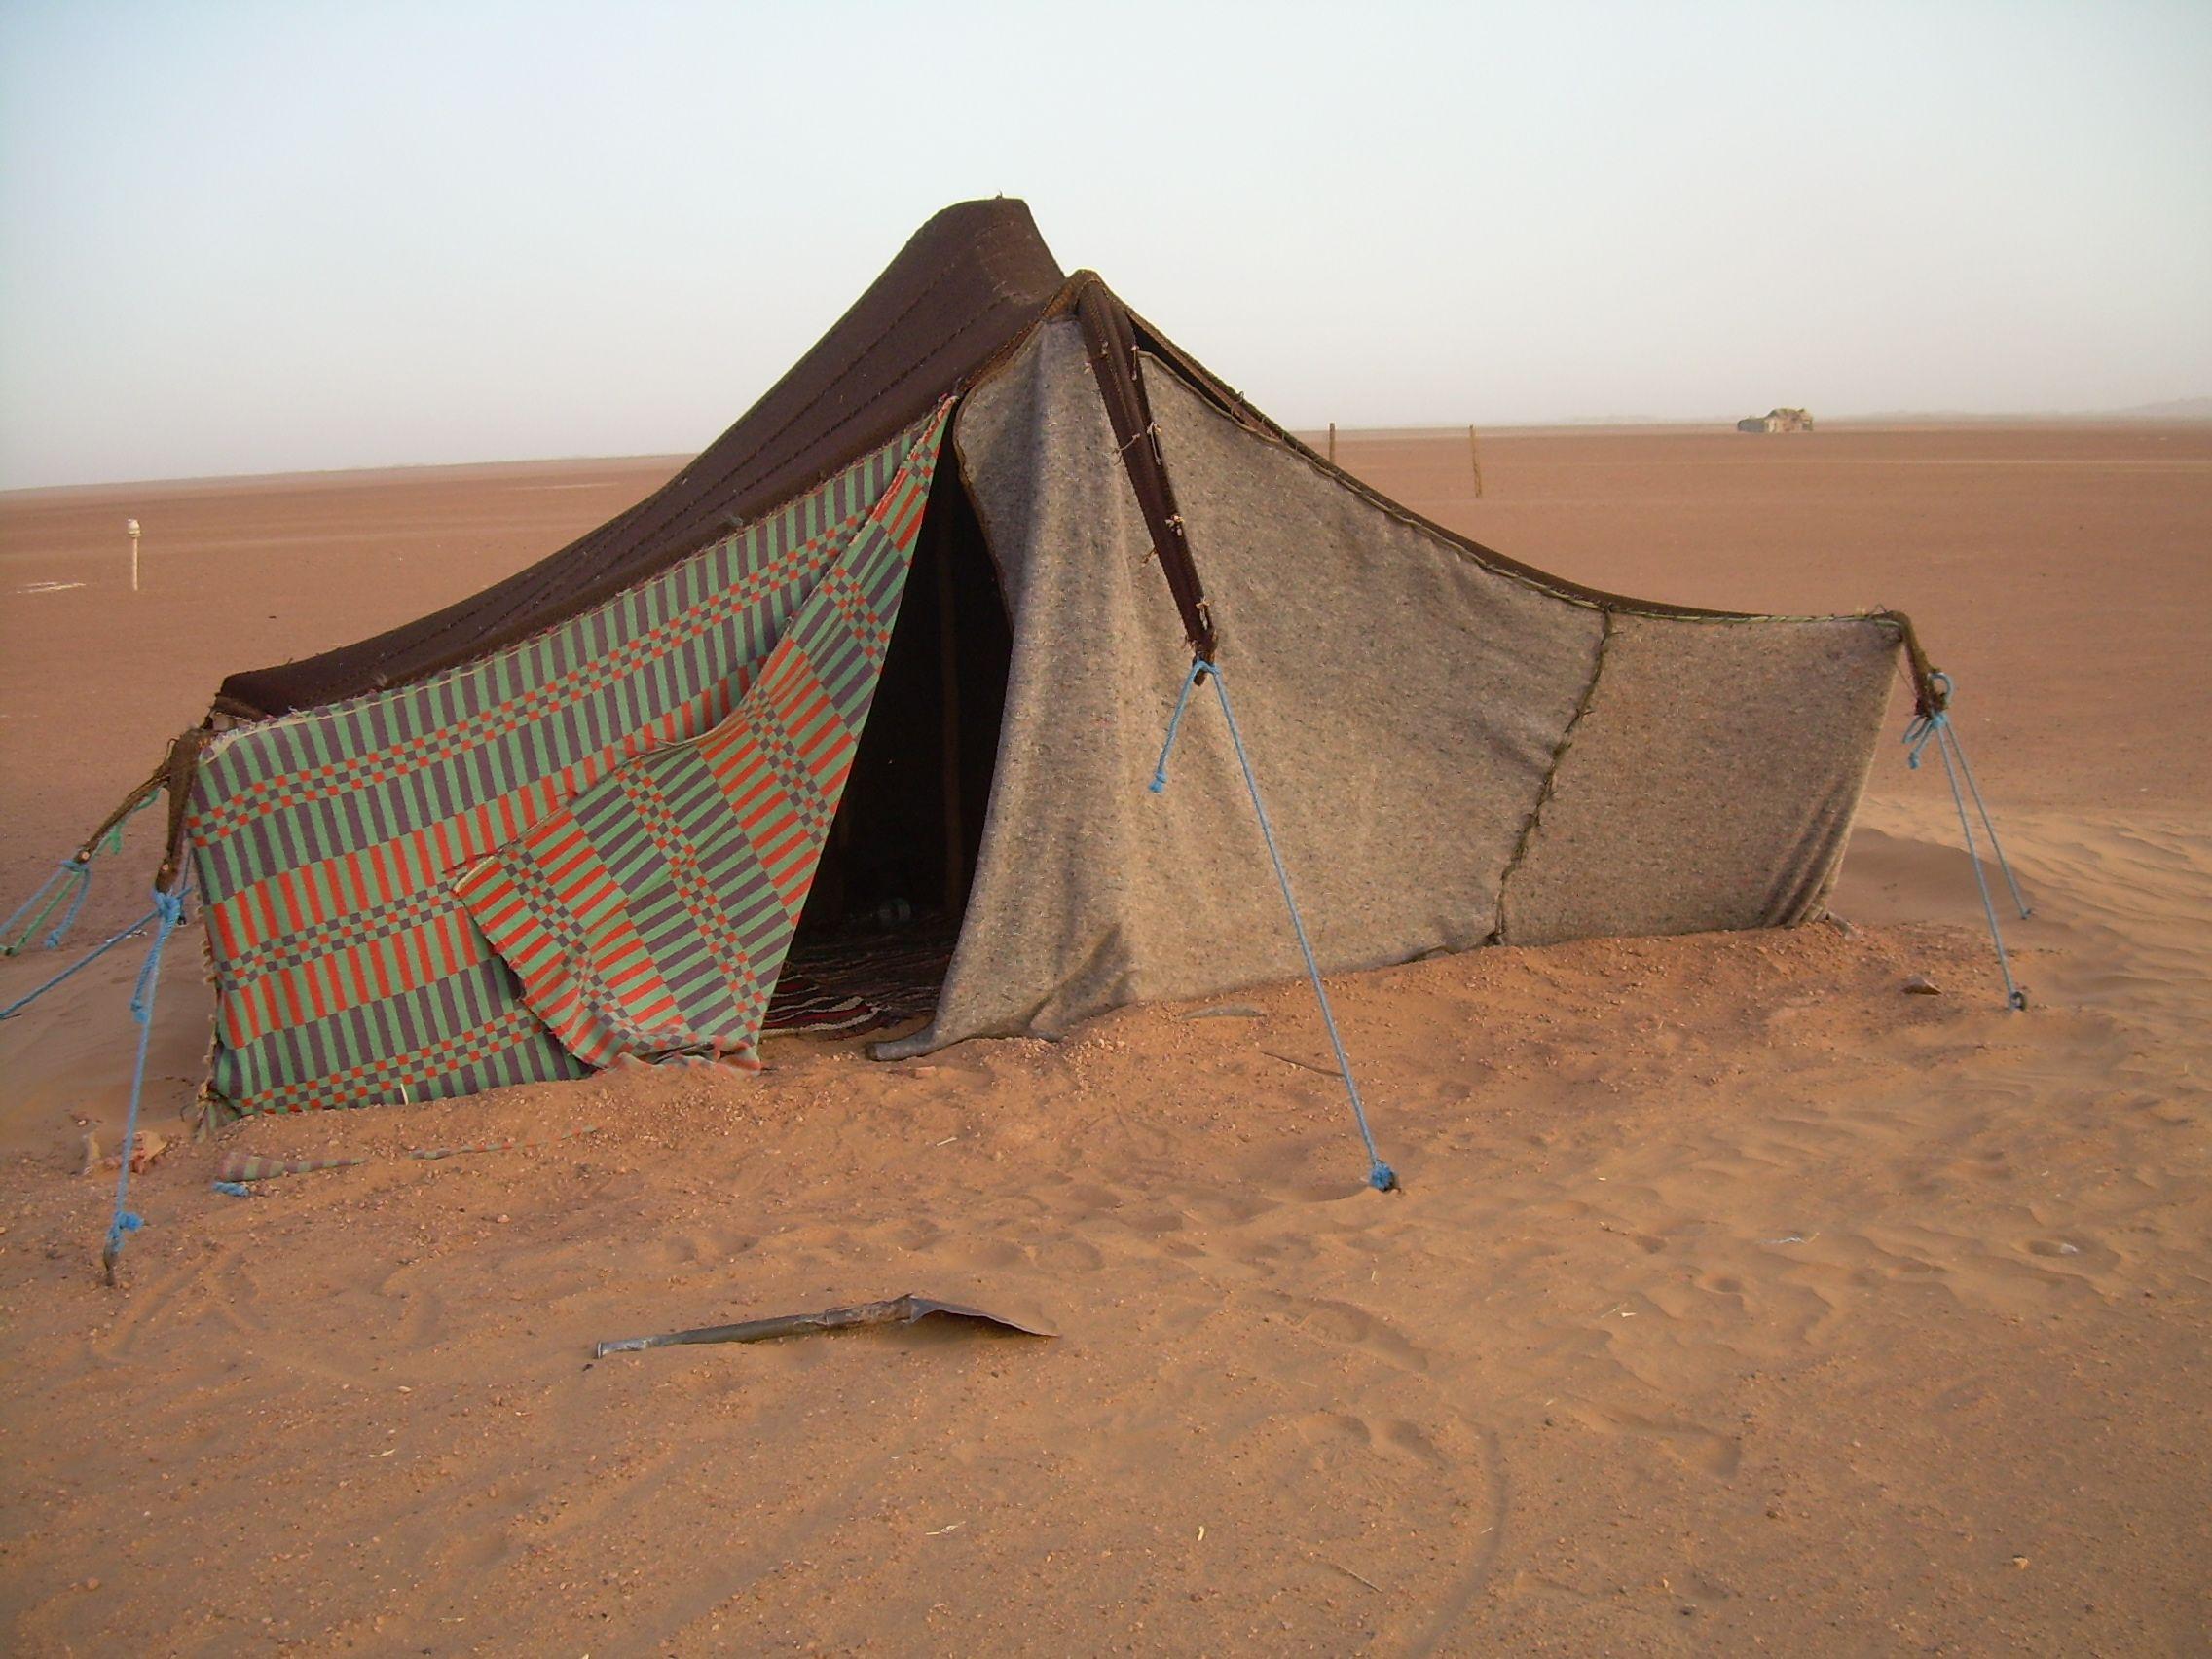 上图:阿拉伯沙漠中的贝督因人帐棚,用绳索固定在地上。绳索若拔出,帐棚就会倒塌。「他帐棚的绳索岂不从中抽出来呢」(伯四21),意思是「他岂不要死亡吗」。